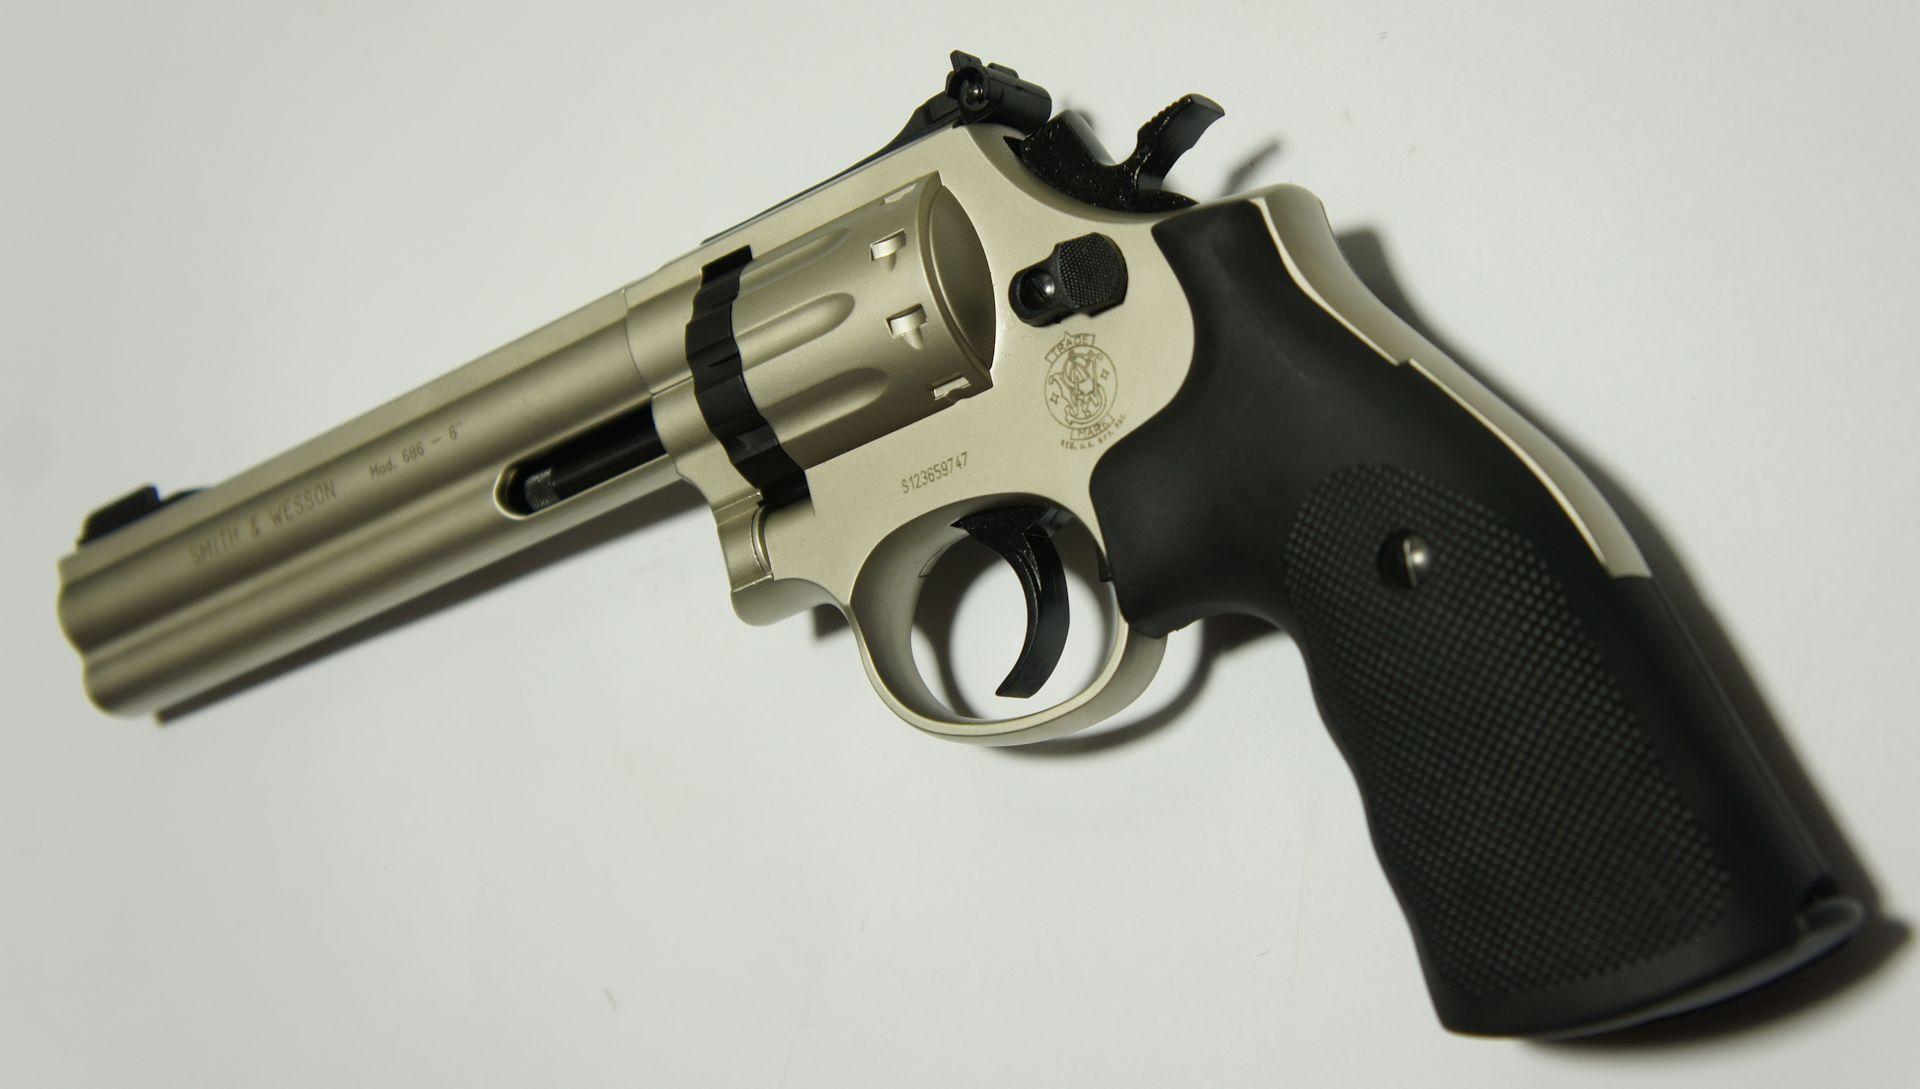 CO2 Revolver S&W 686 Nickel mit ausgeschwenkter Trommel